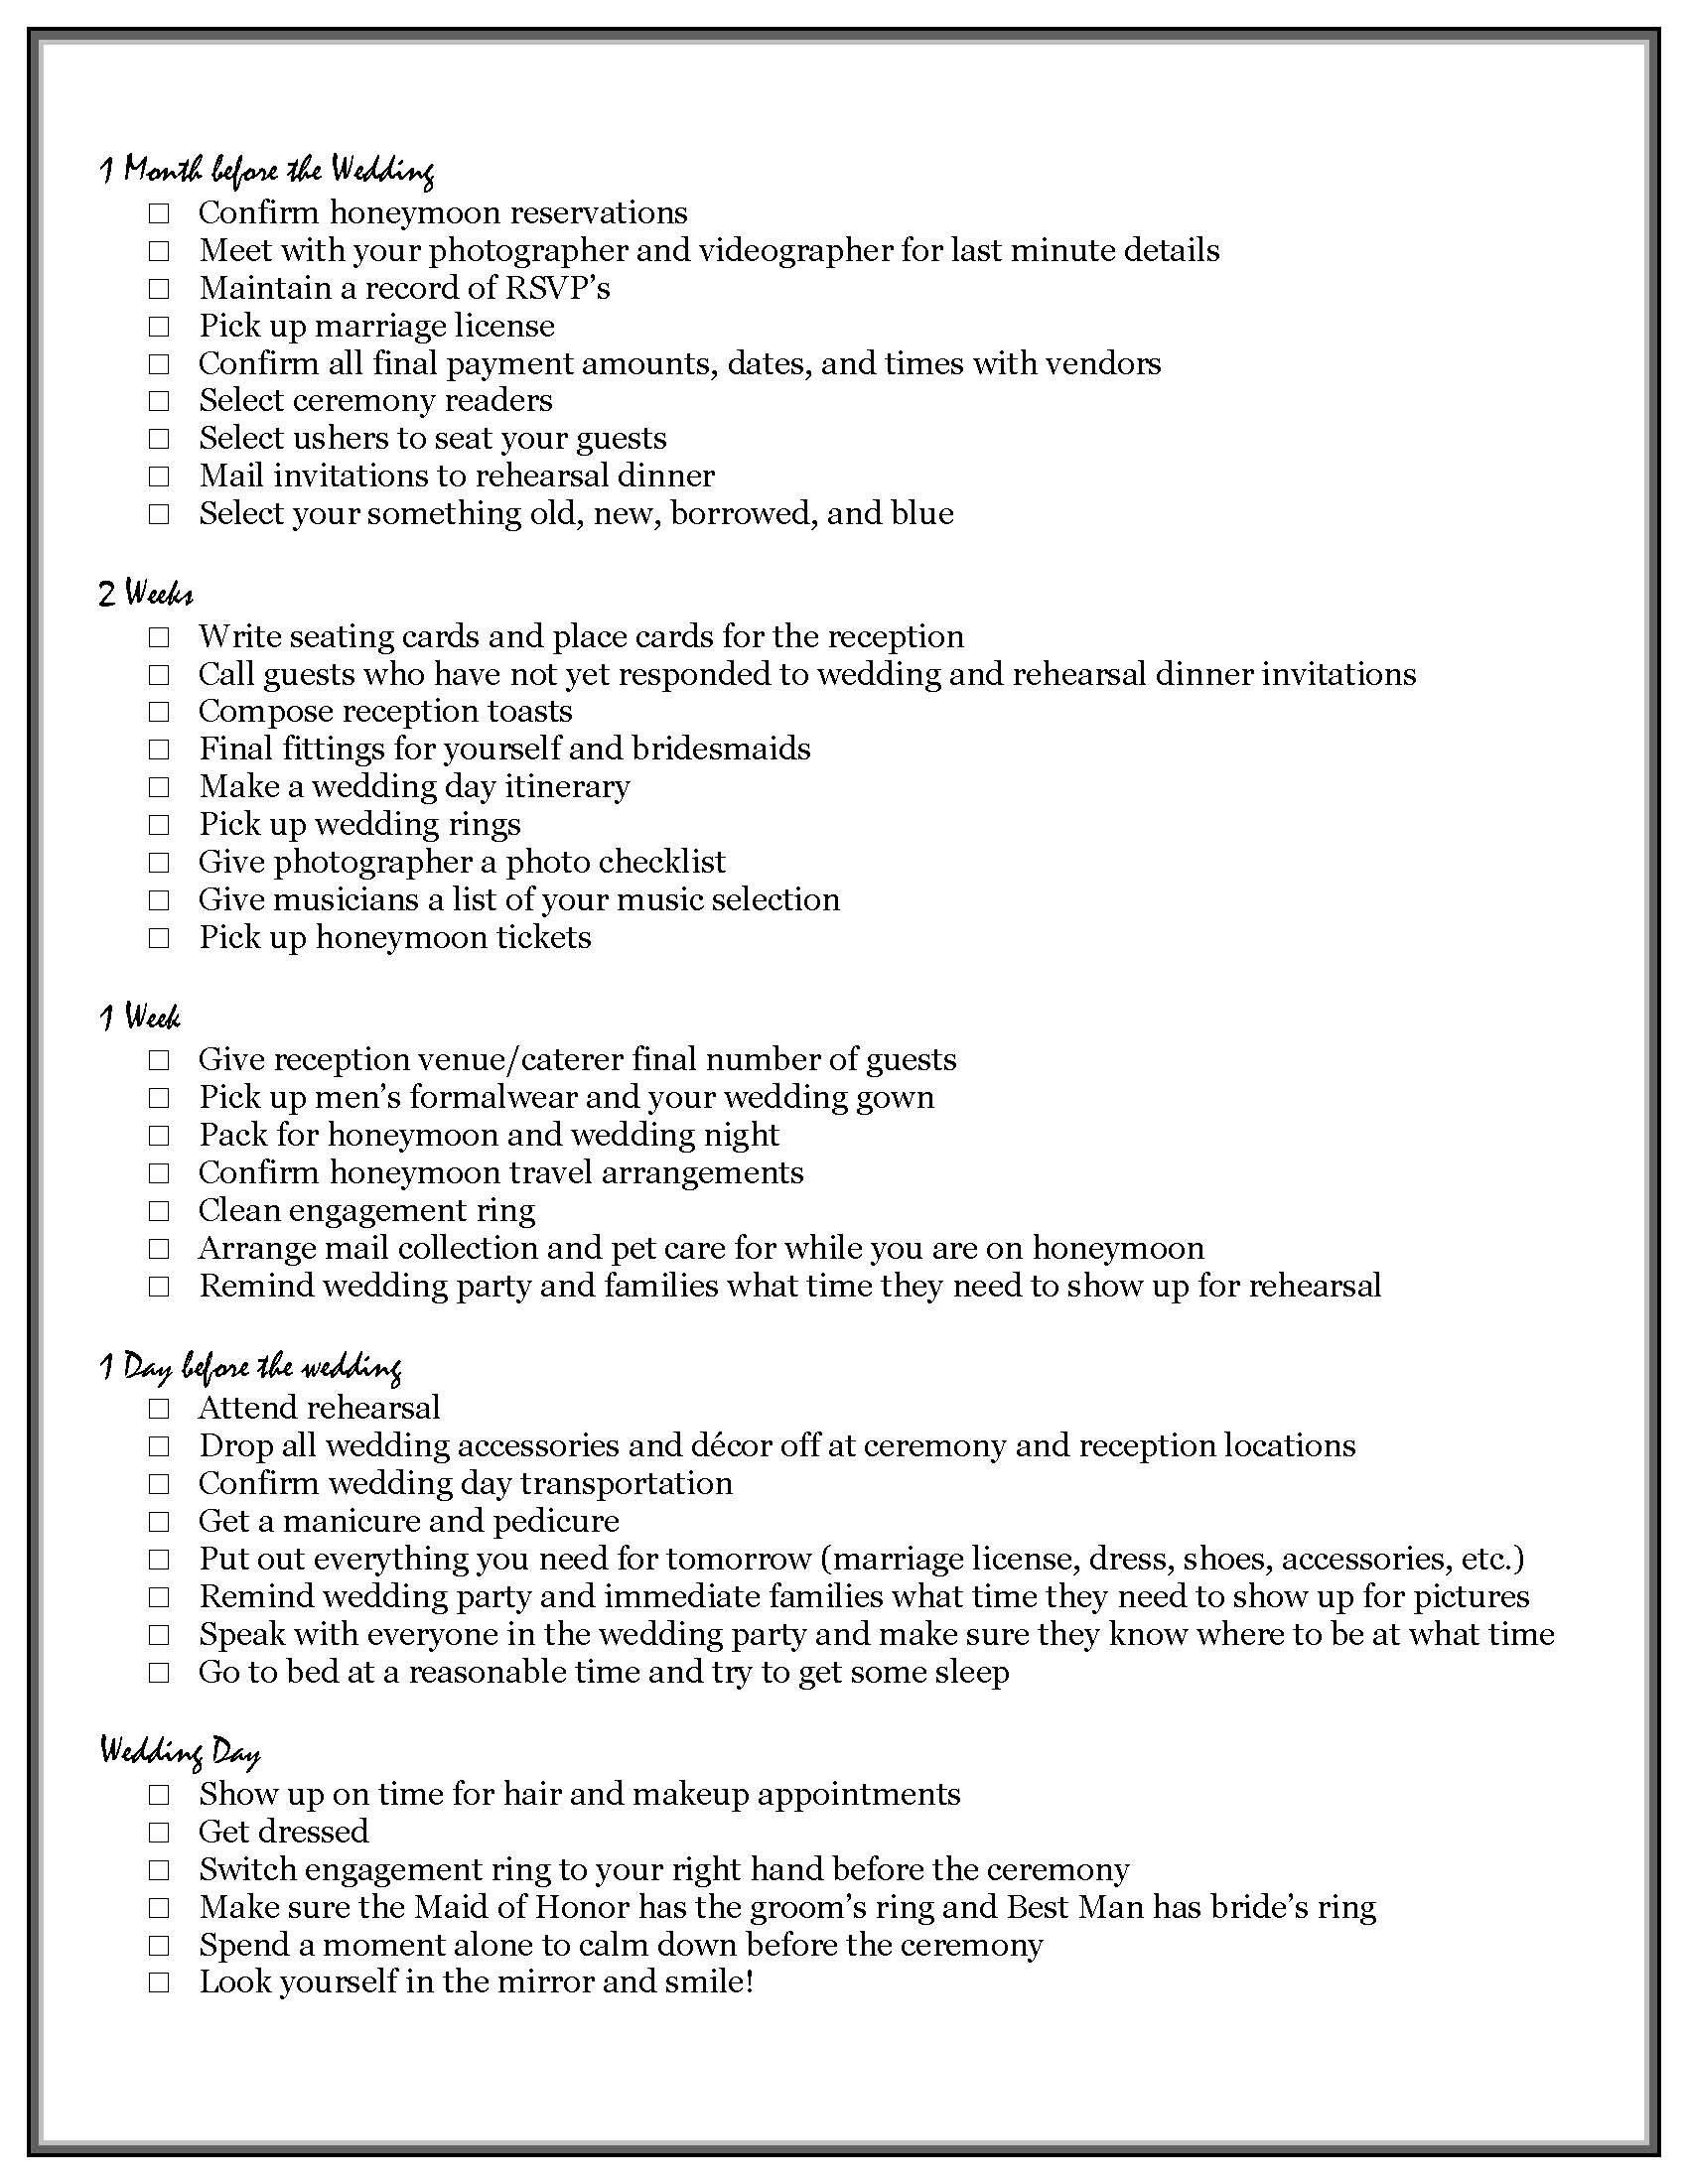 Bridal Checklist Printable Vip S Ultimate Wedding Checklist